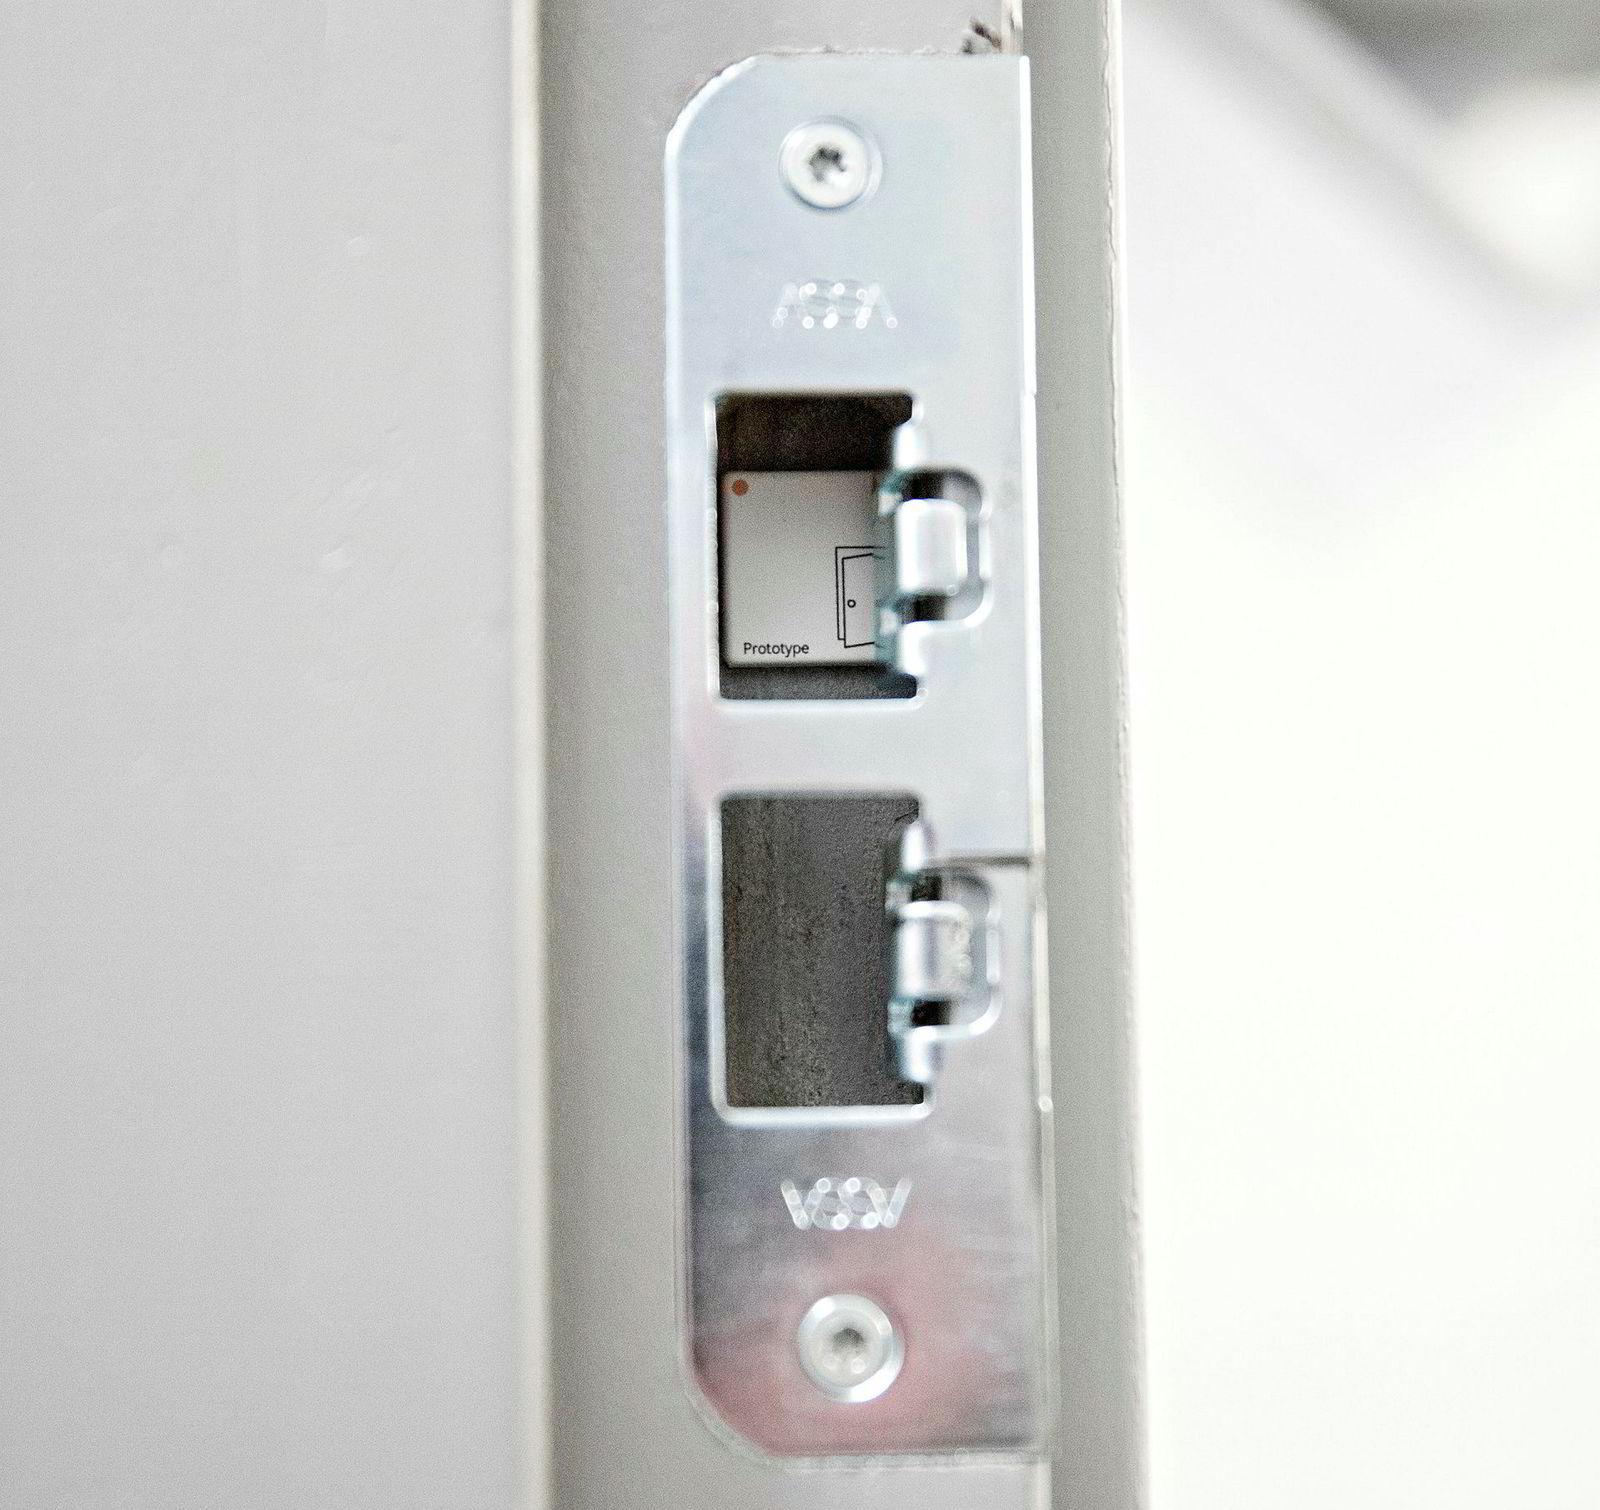 Sensorene fra Disruptive er så små at de kan klistres opp inne i låsen på toalettene, og måle antall ganger toalettet brukes. Batteritiden er anslått til 15 år.